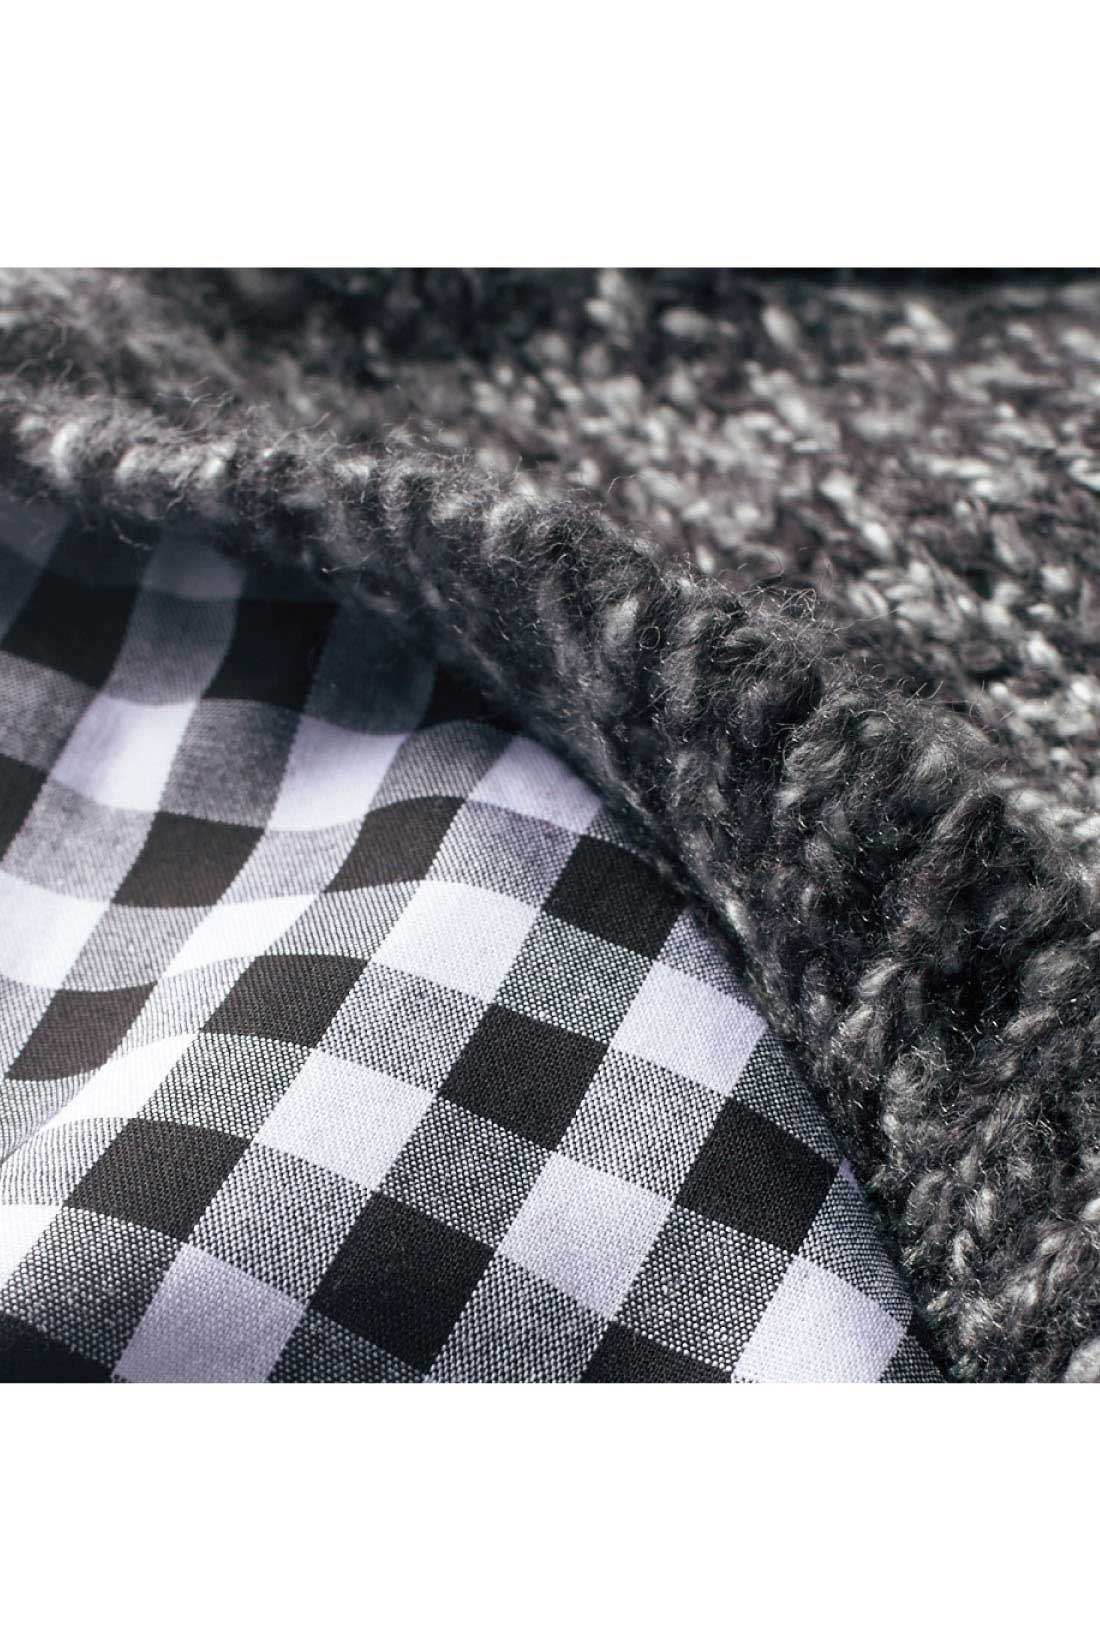 肩の部分で、ニットとシャツ袖との重なりを微調整して、自然な重ね着感のあるドッキングに。 ※お届けするカラーとは異なります。